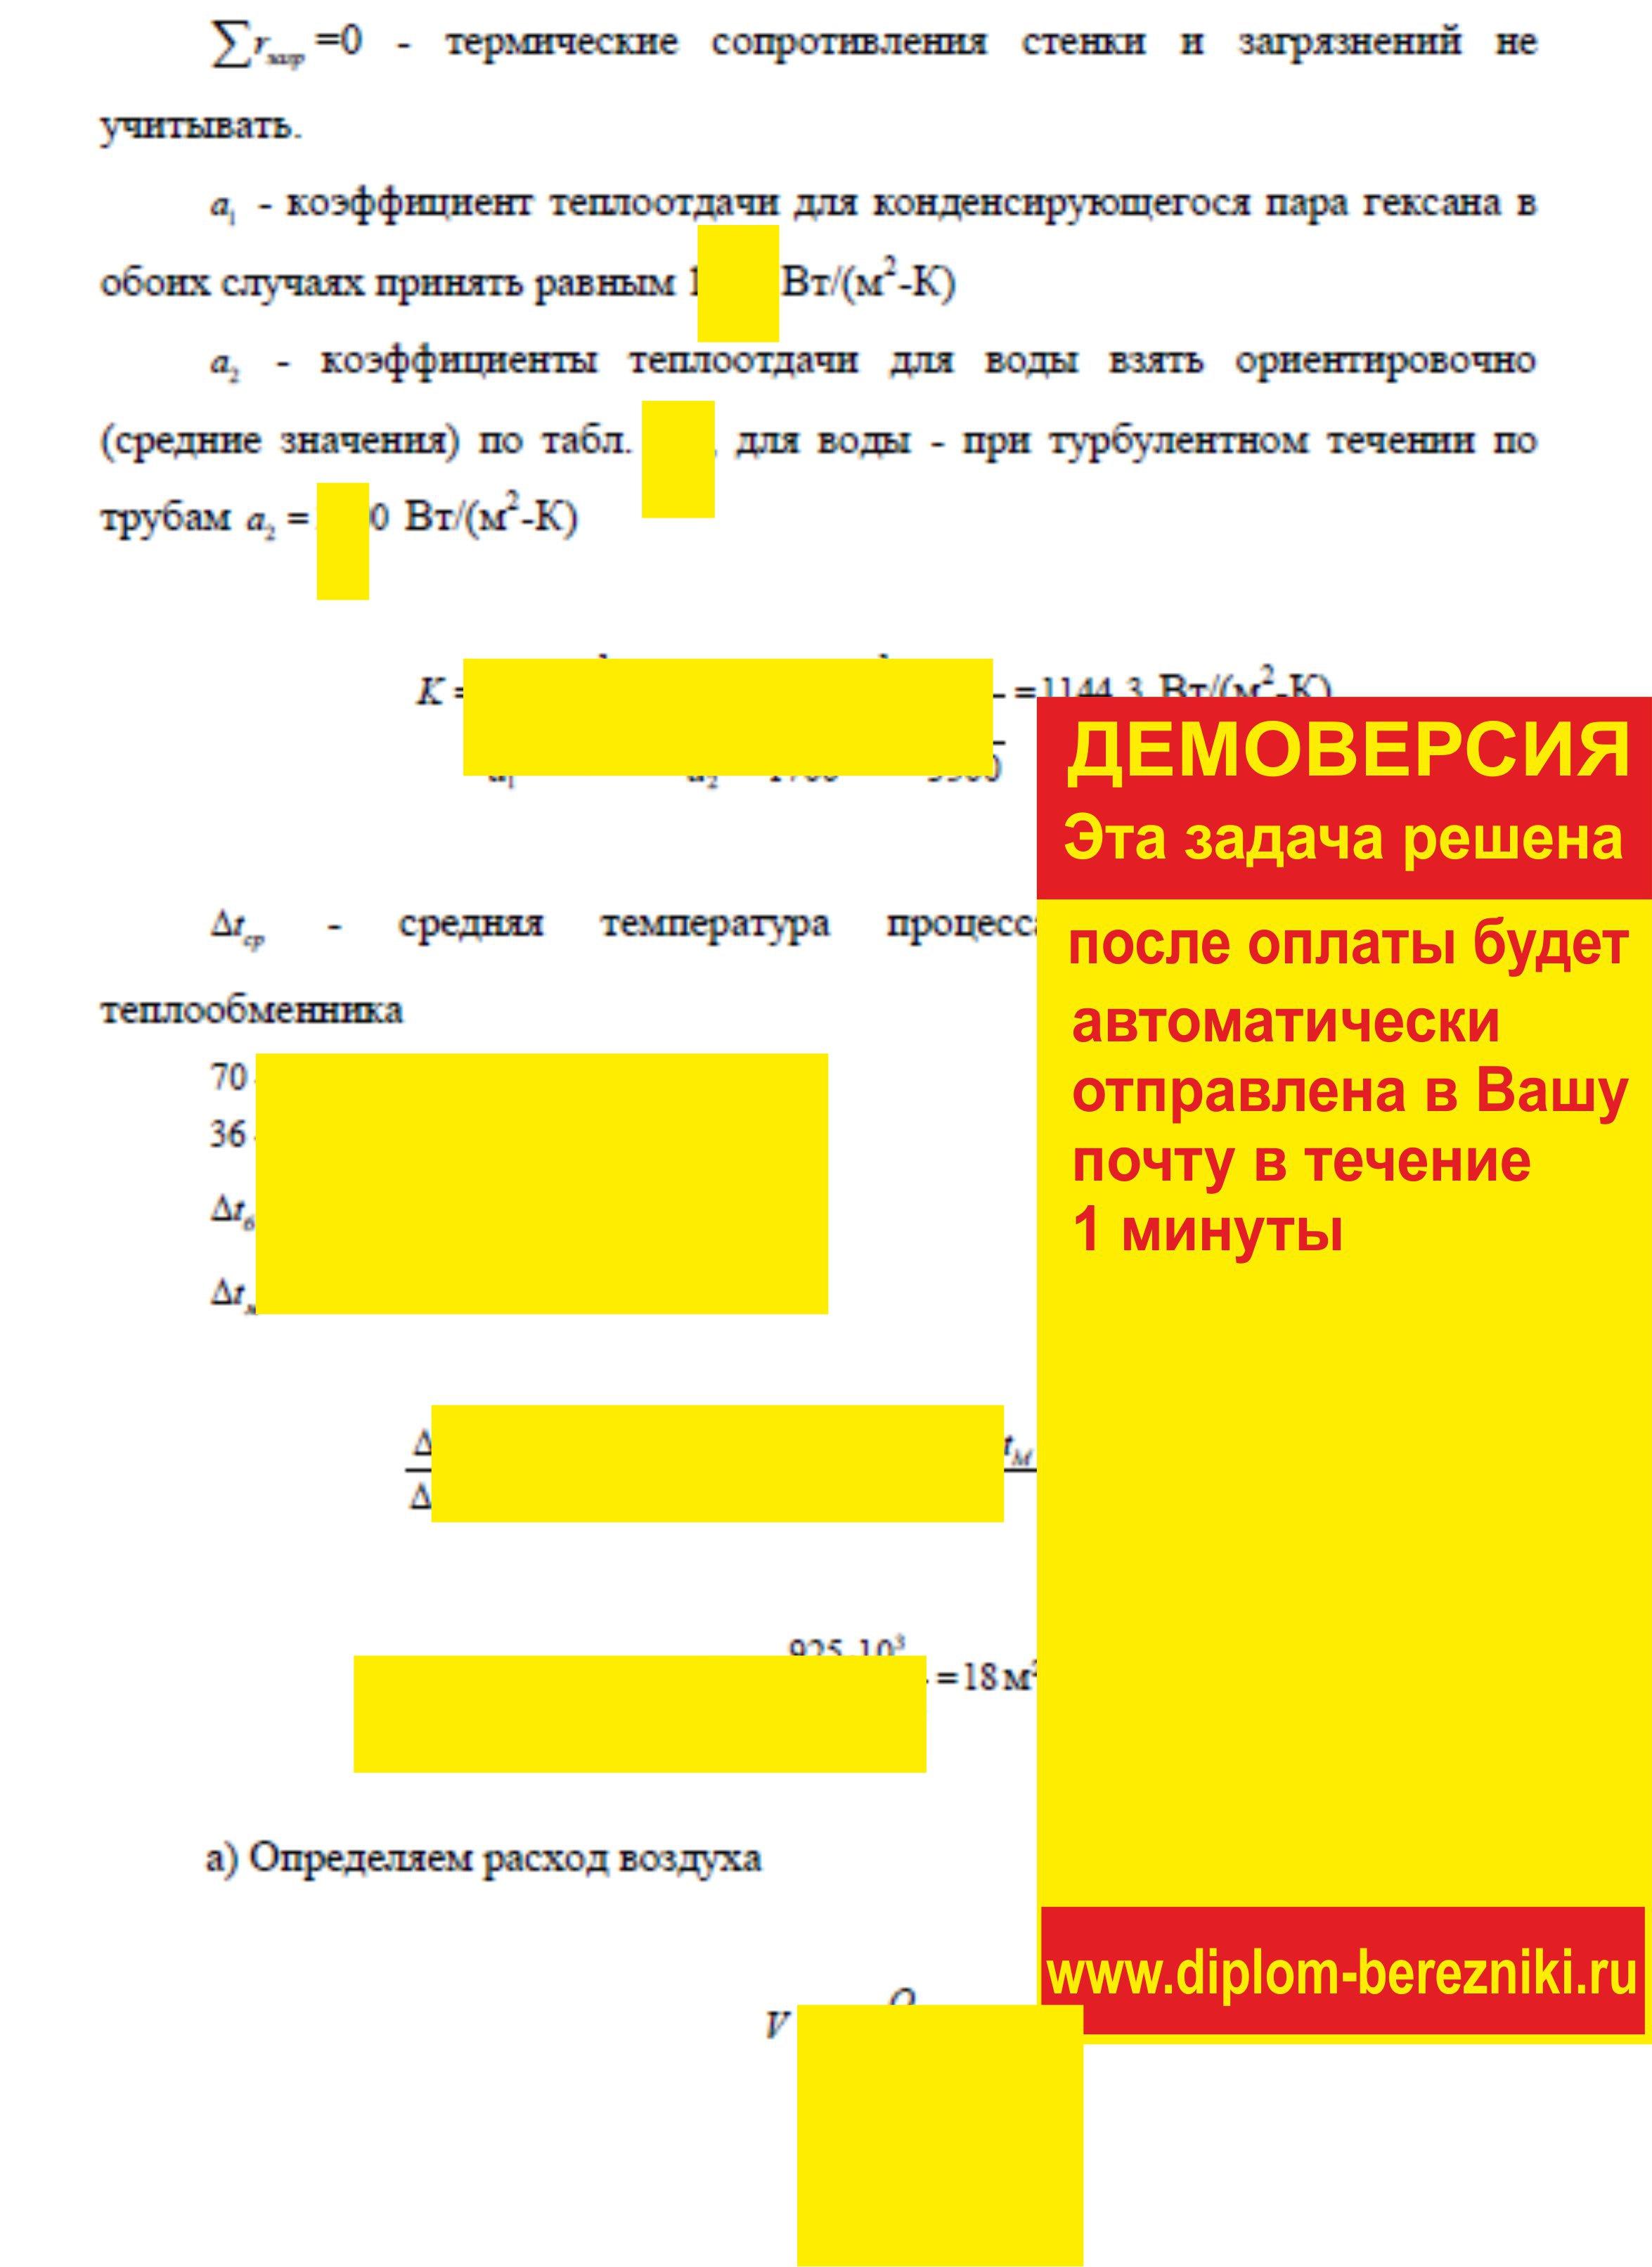 Решение задачи 4.22 по ПАХТ из задачника Павлова Романкова Носкова